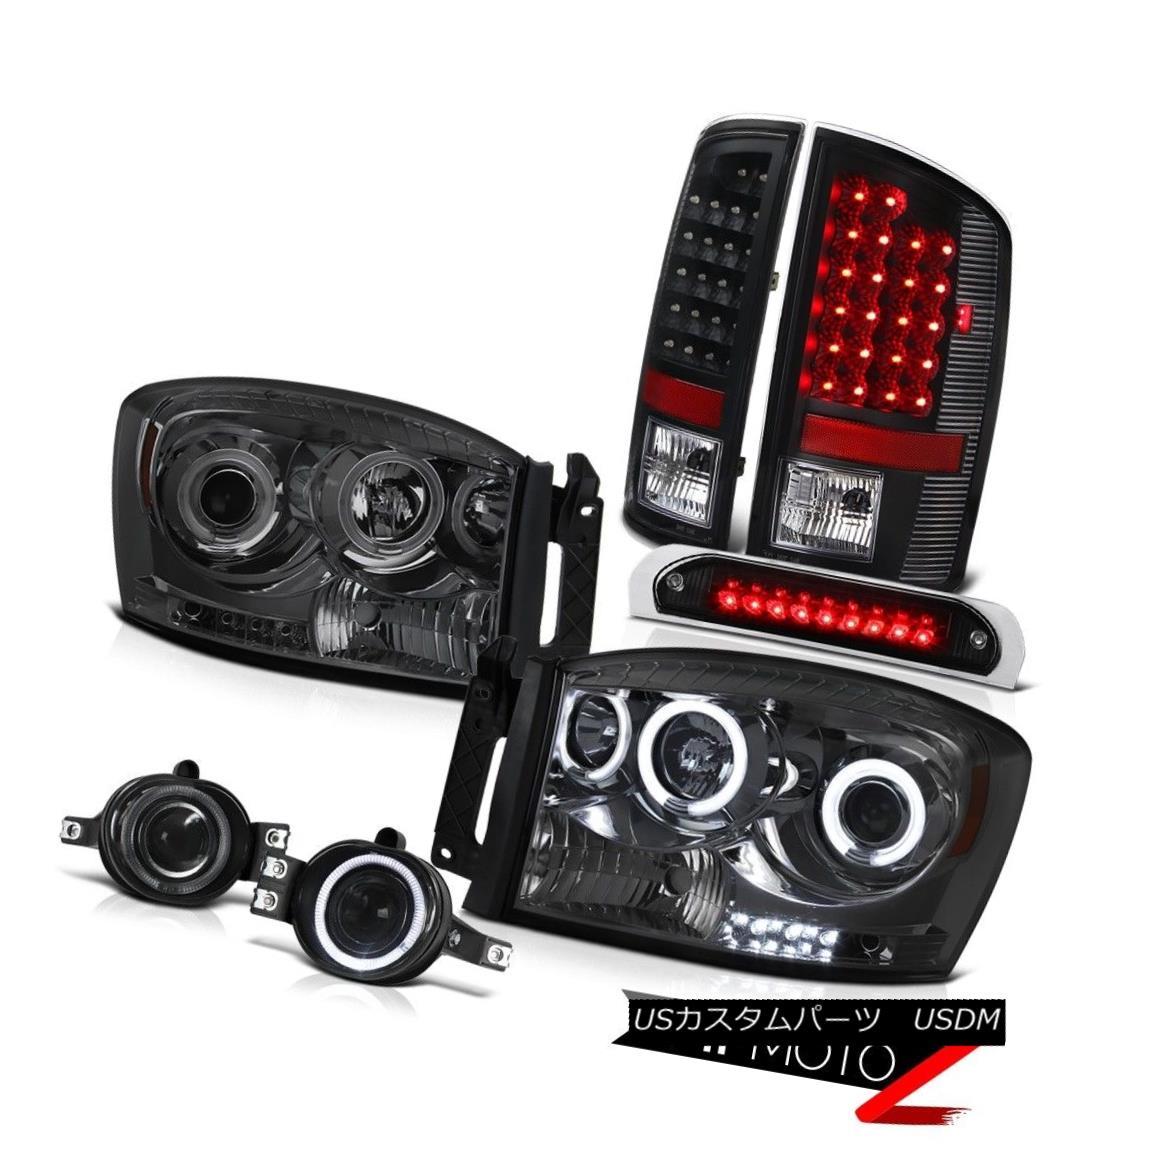 ヘッドライト Quality CCFL Headlights Black LED Tail Lamps Projector Foglamps 2006 Ram 1500 品質CCFLヘッドライトブラックLEDテールランププロジェクターフォグランプ2006 Ram 1500